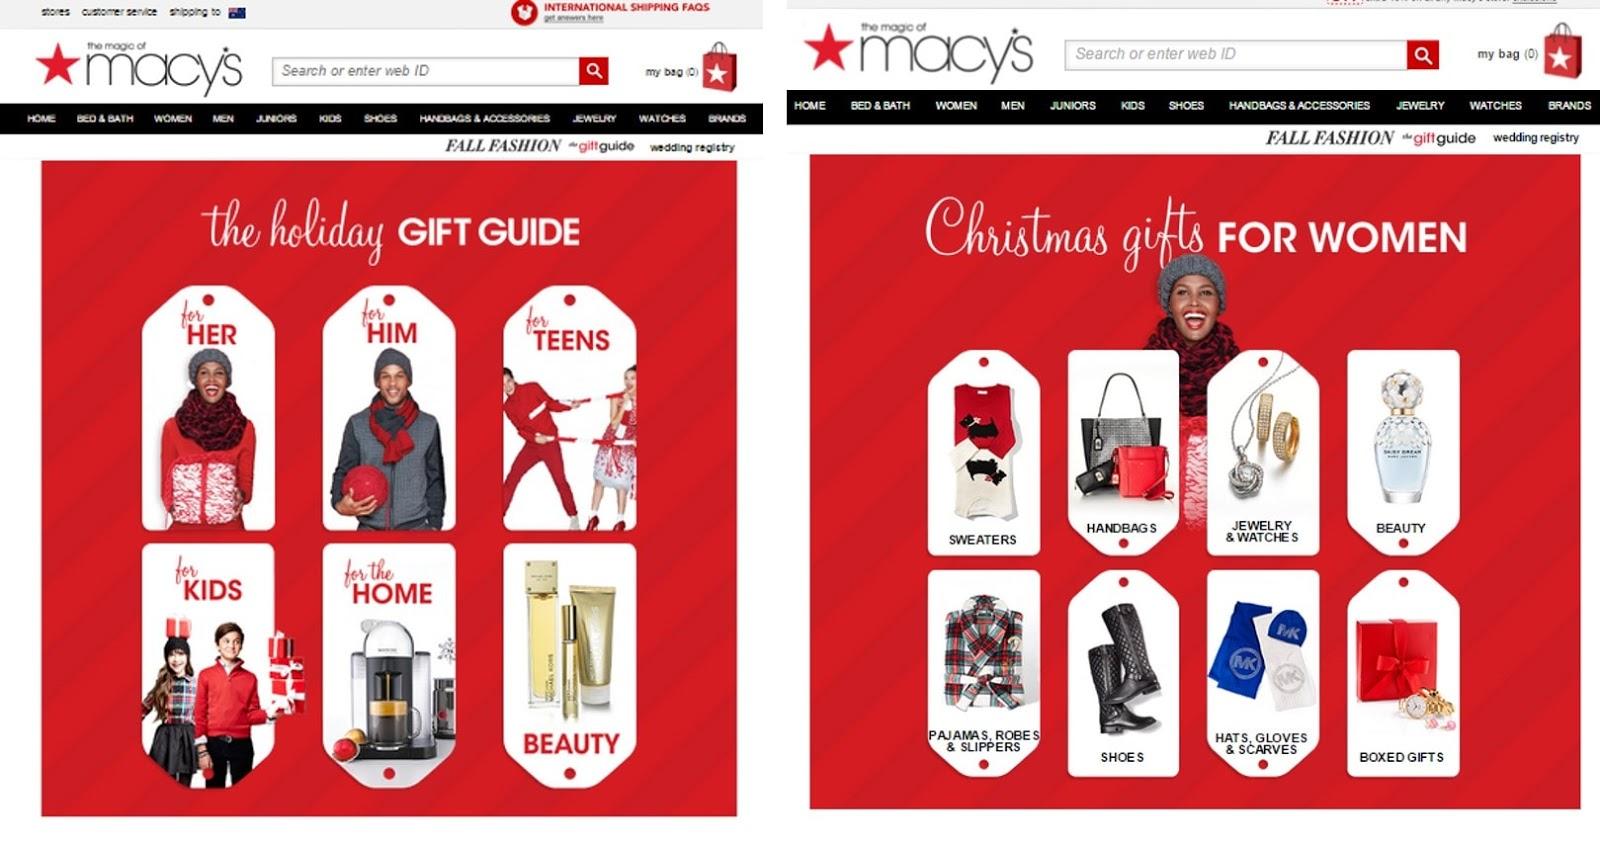 Screenshot showing Macy